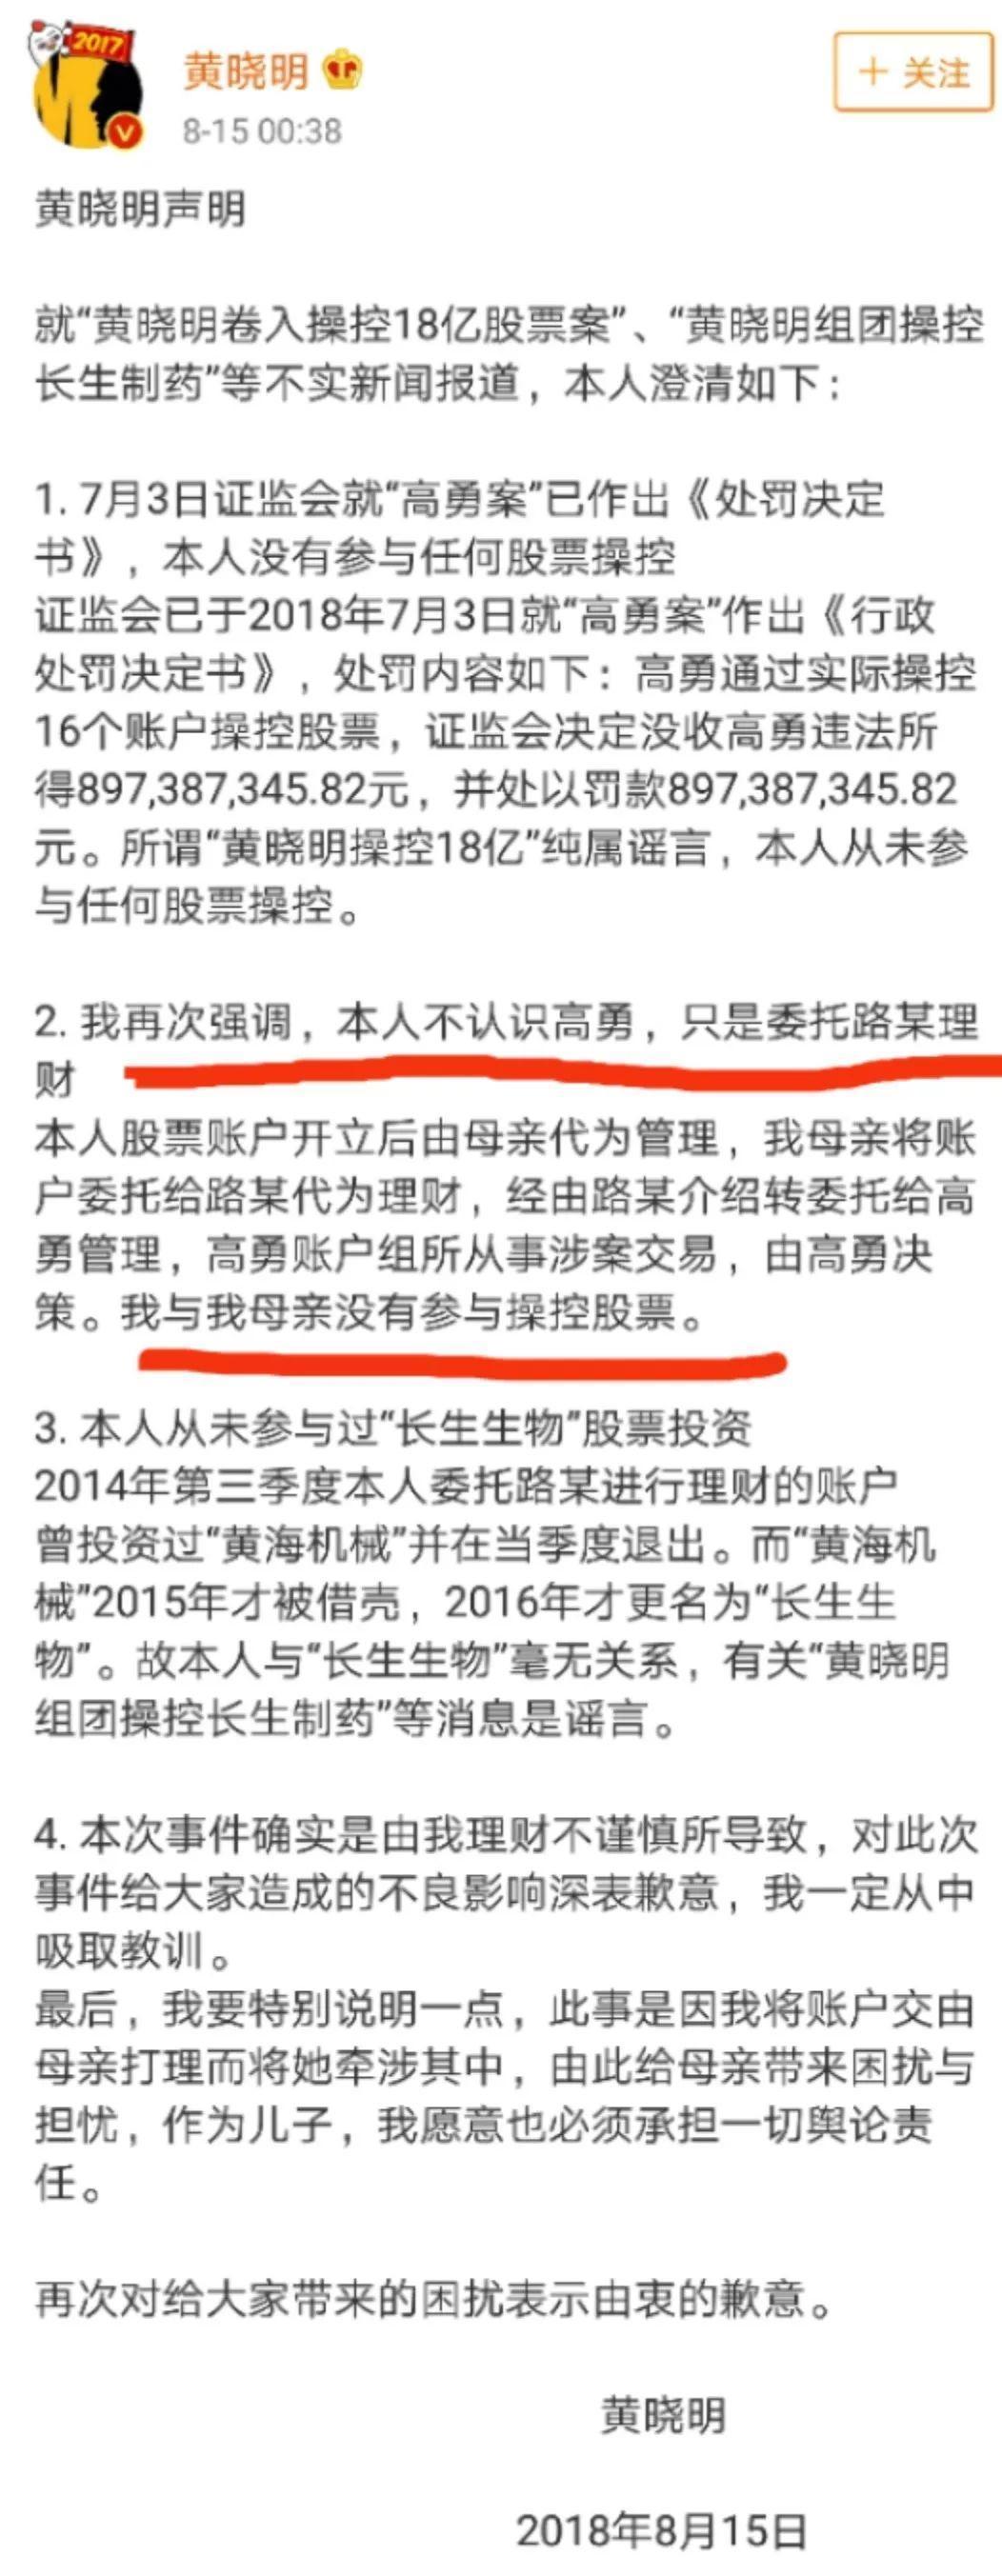 黄晓明18亿股票操纵案 在2015年婚礼上就埋下了因